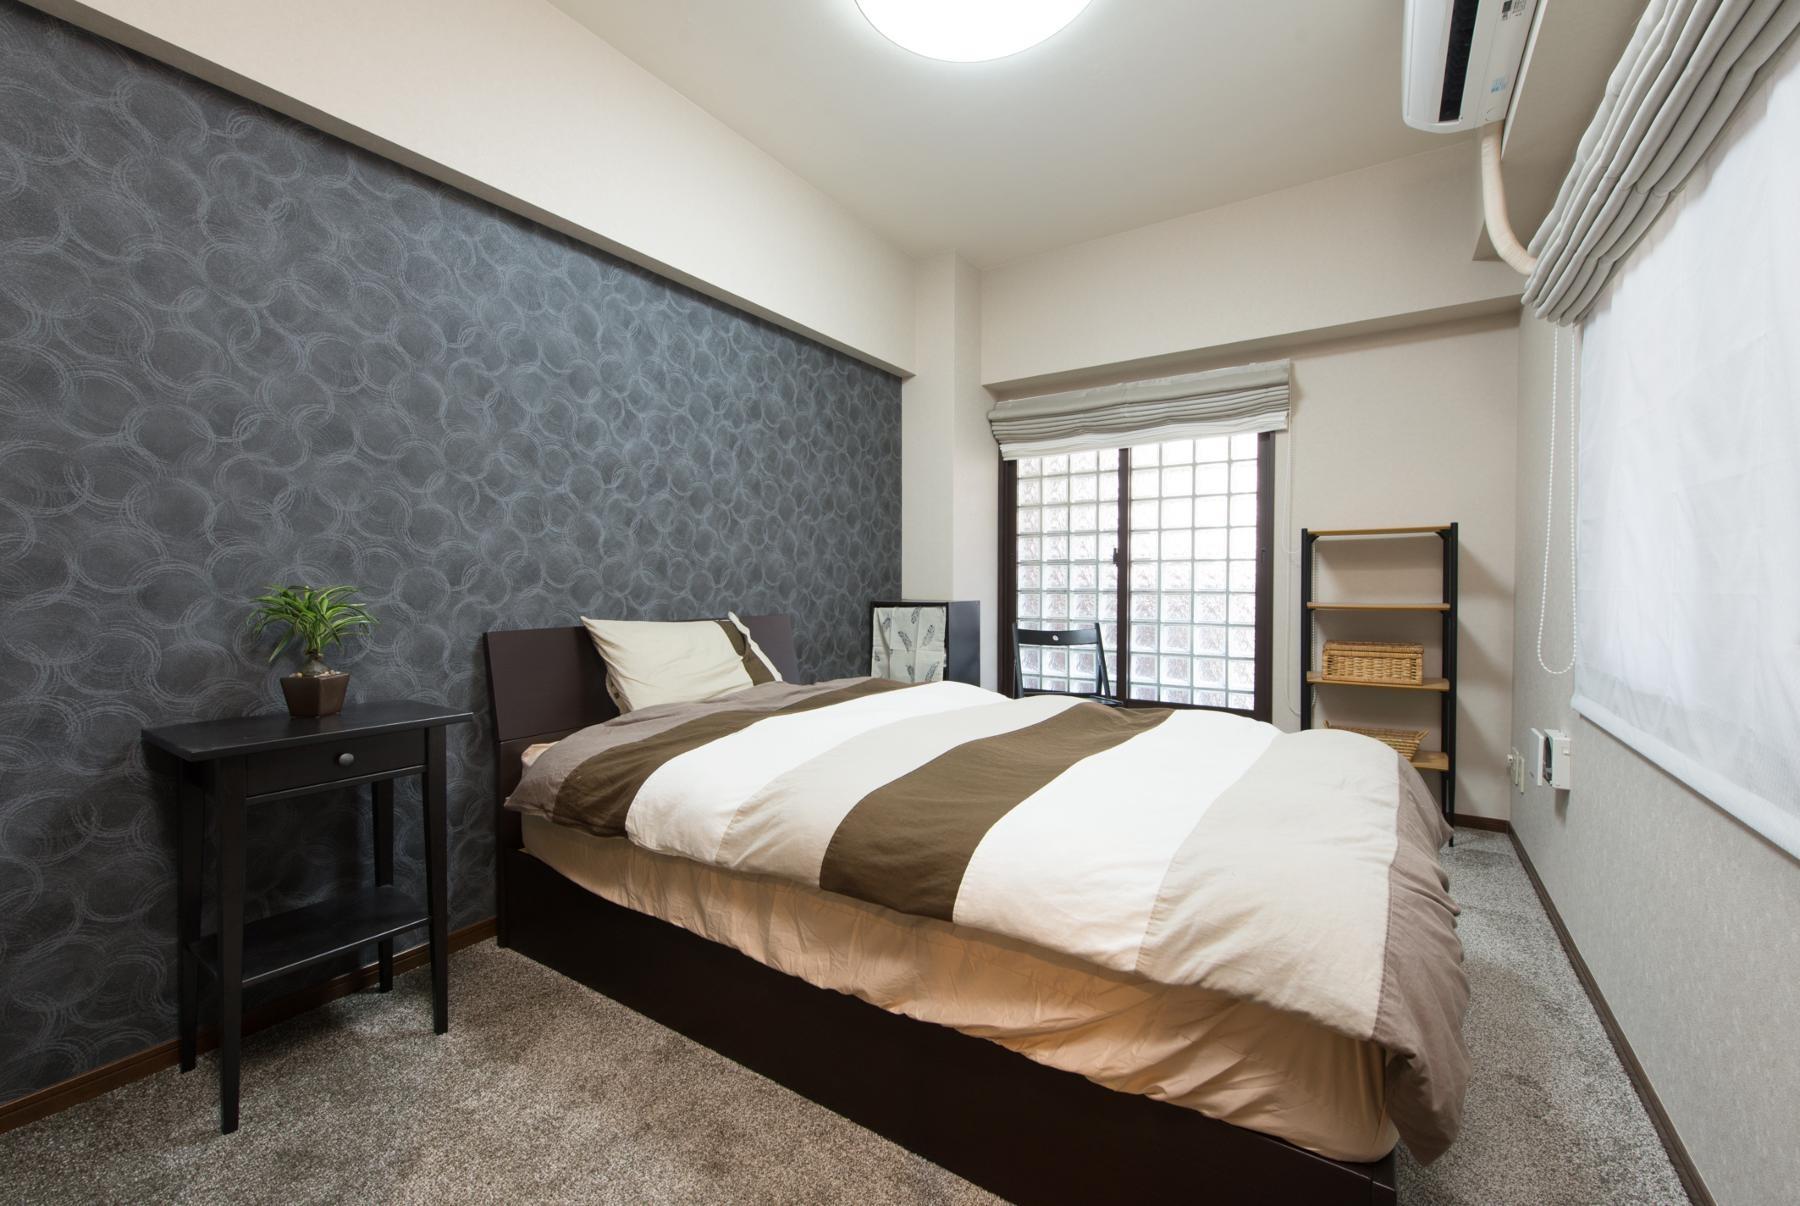 ベッドルーム事例:寝室(中古マンションリノベーション〜「自分らしい空間を実現したい」)